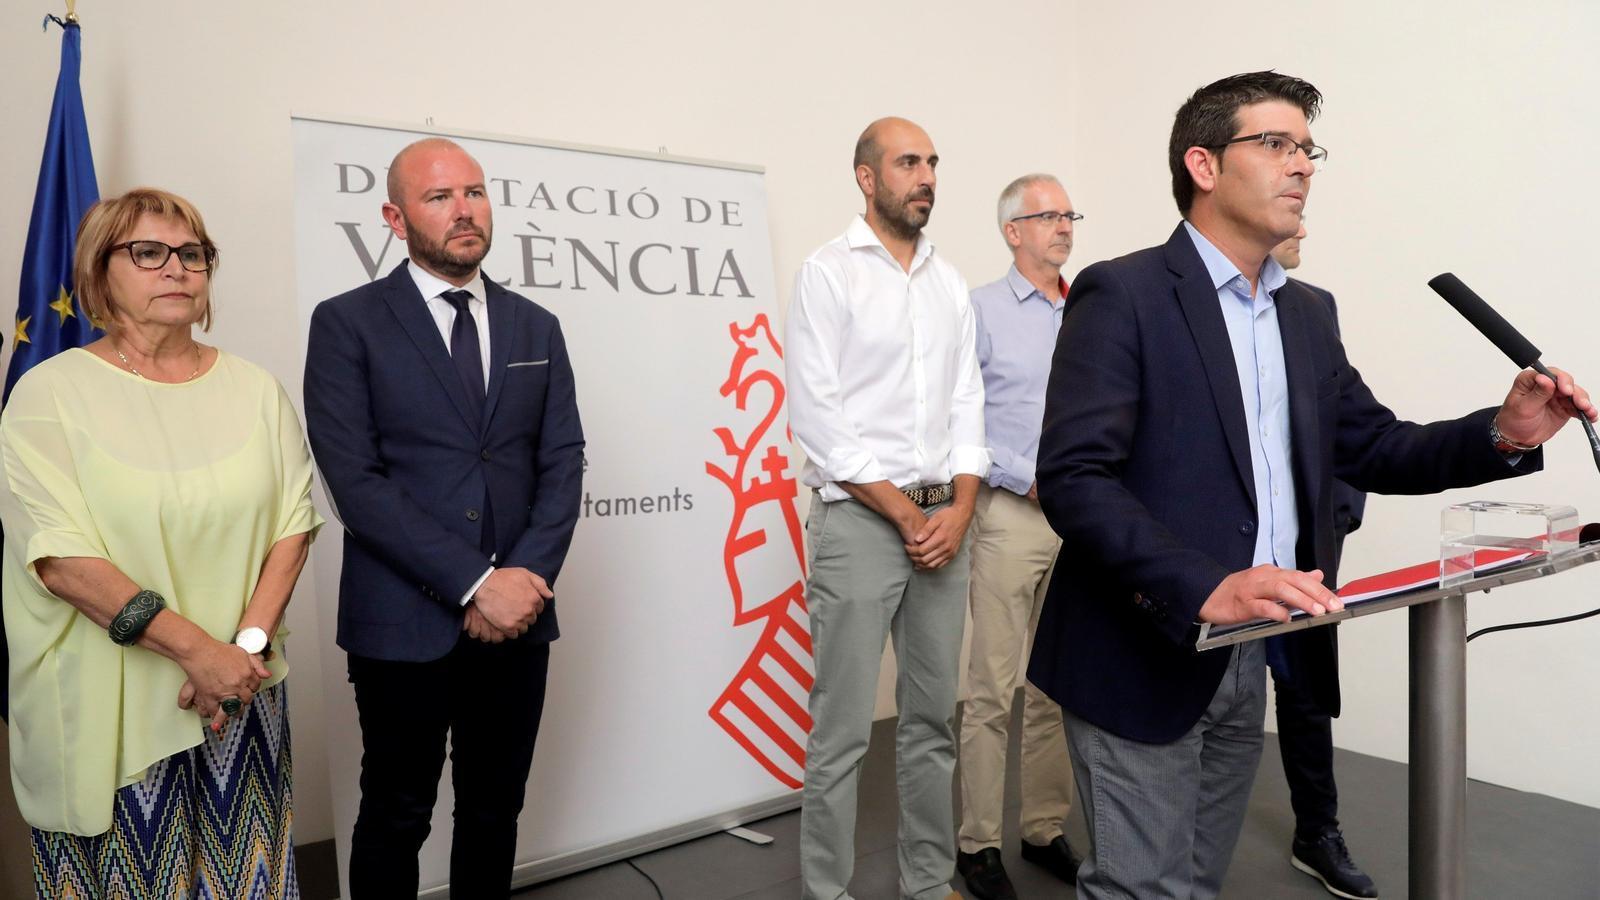 L'expresident de la Diputació de València pretenia gastar 2 milions d'euros en set contractacions irregulars